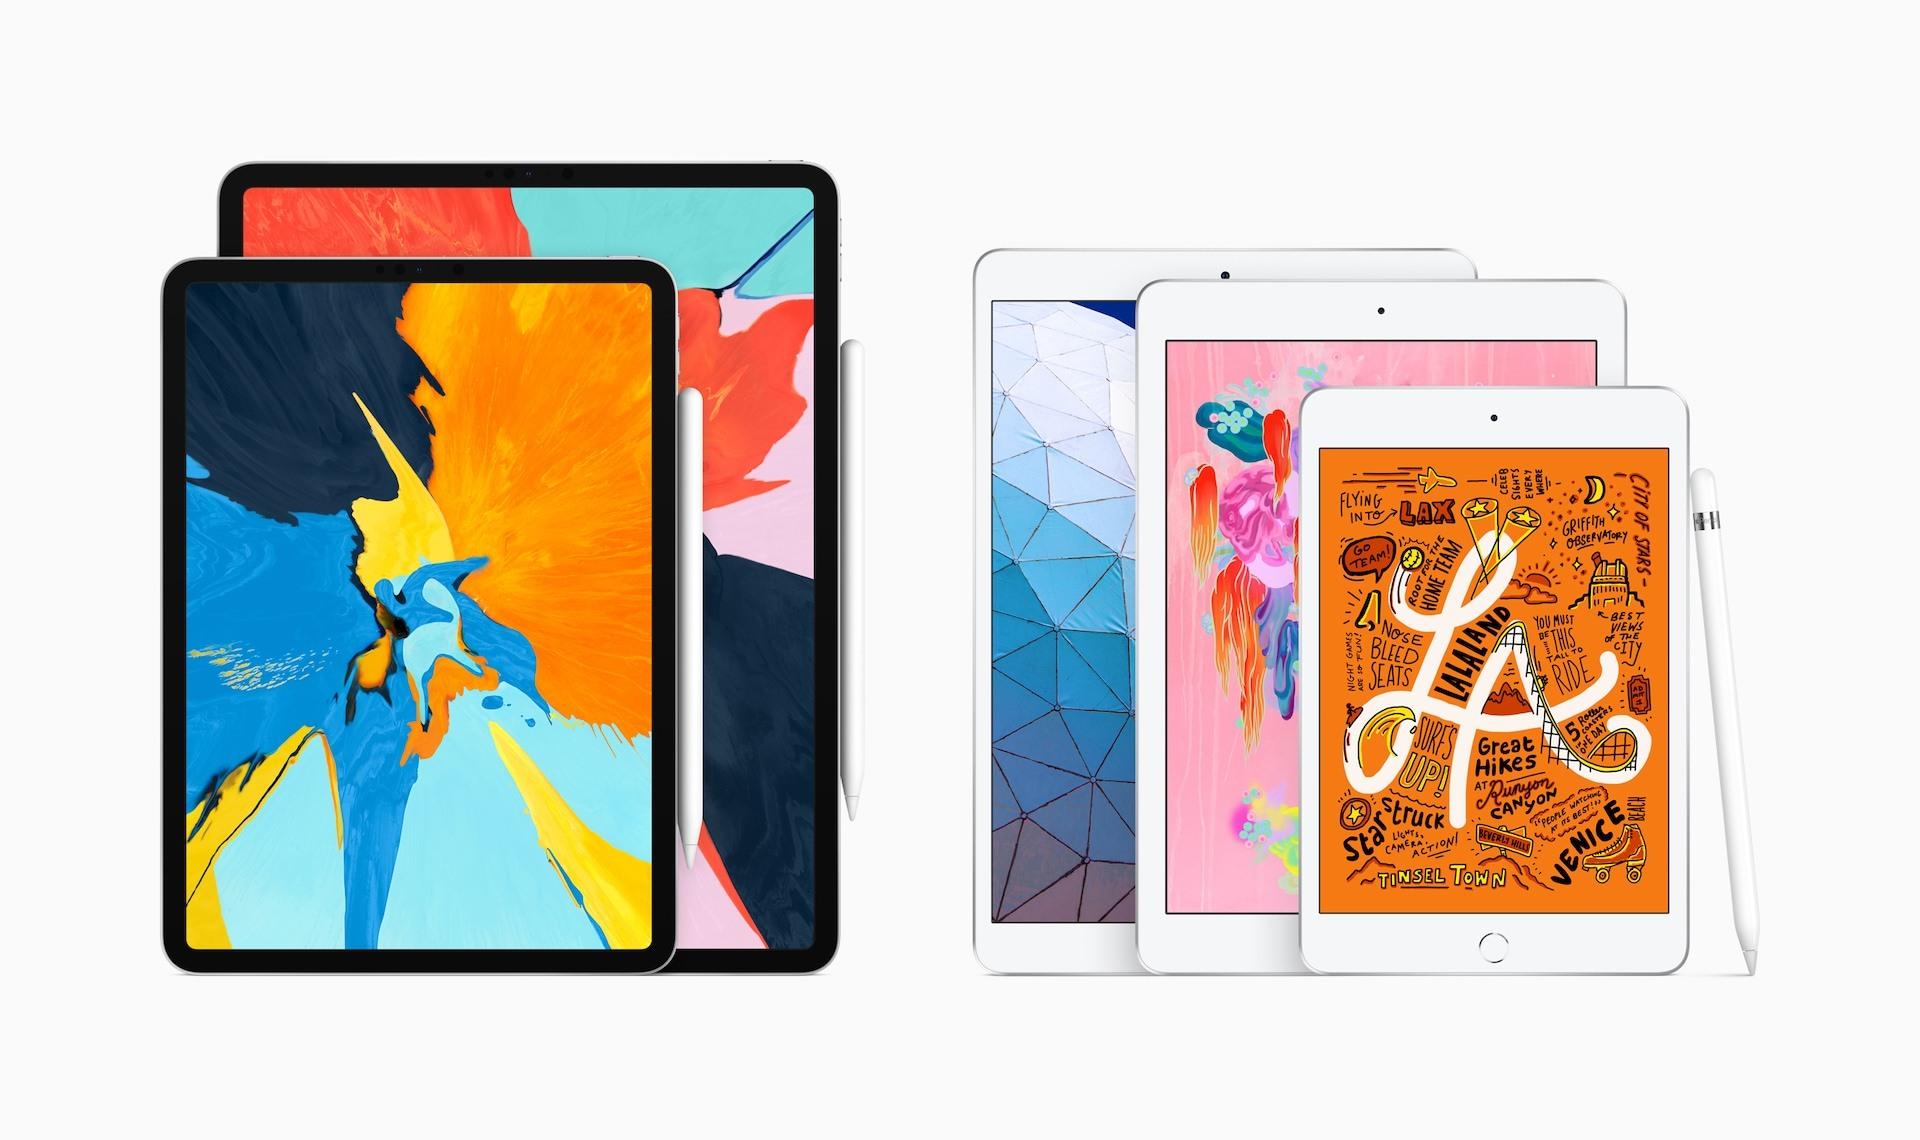 V nabídce Applu je aktuálně pět iPadů